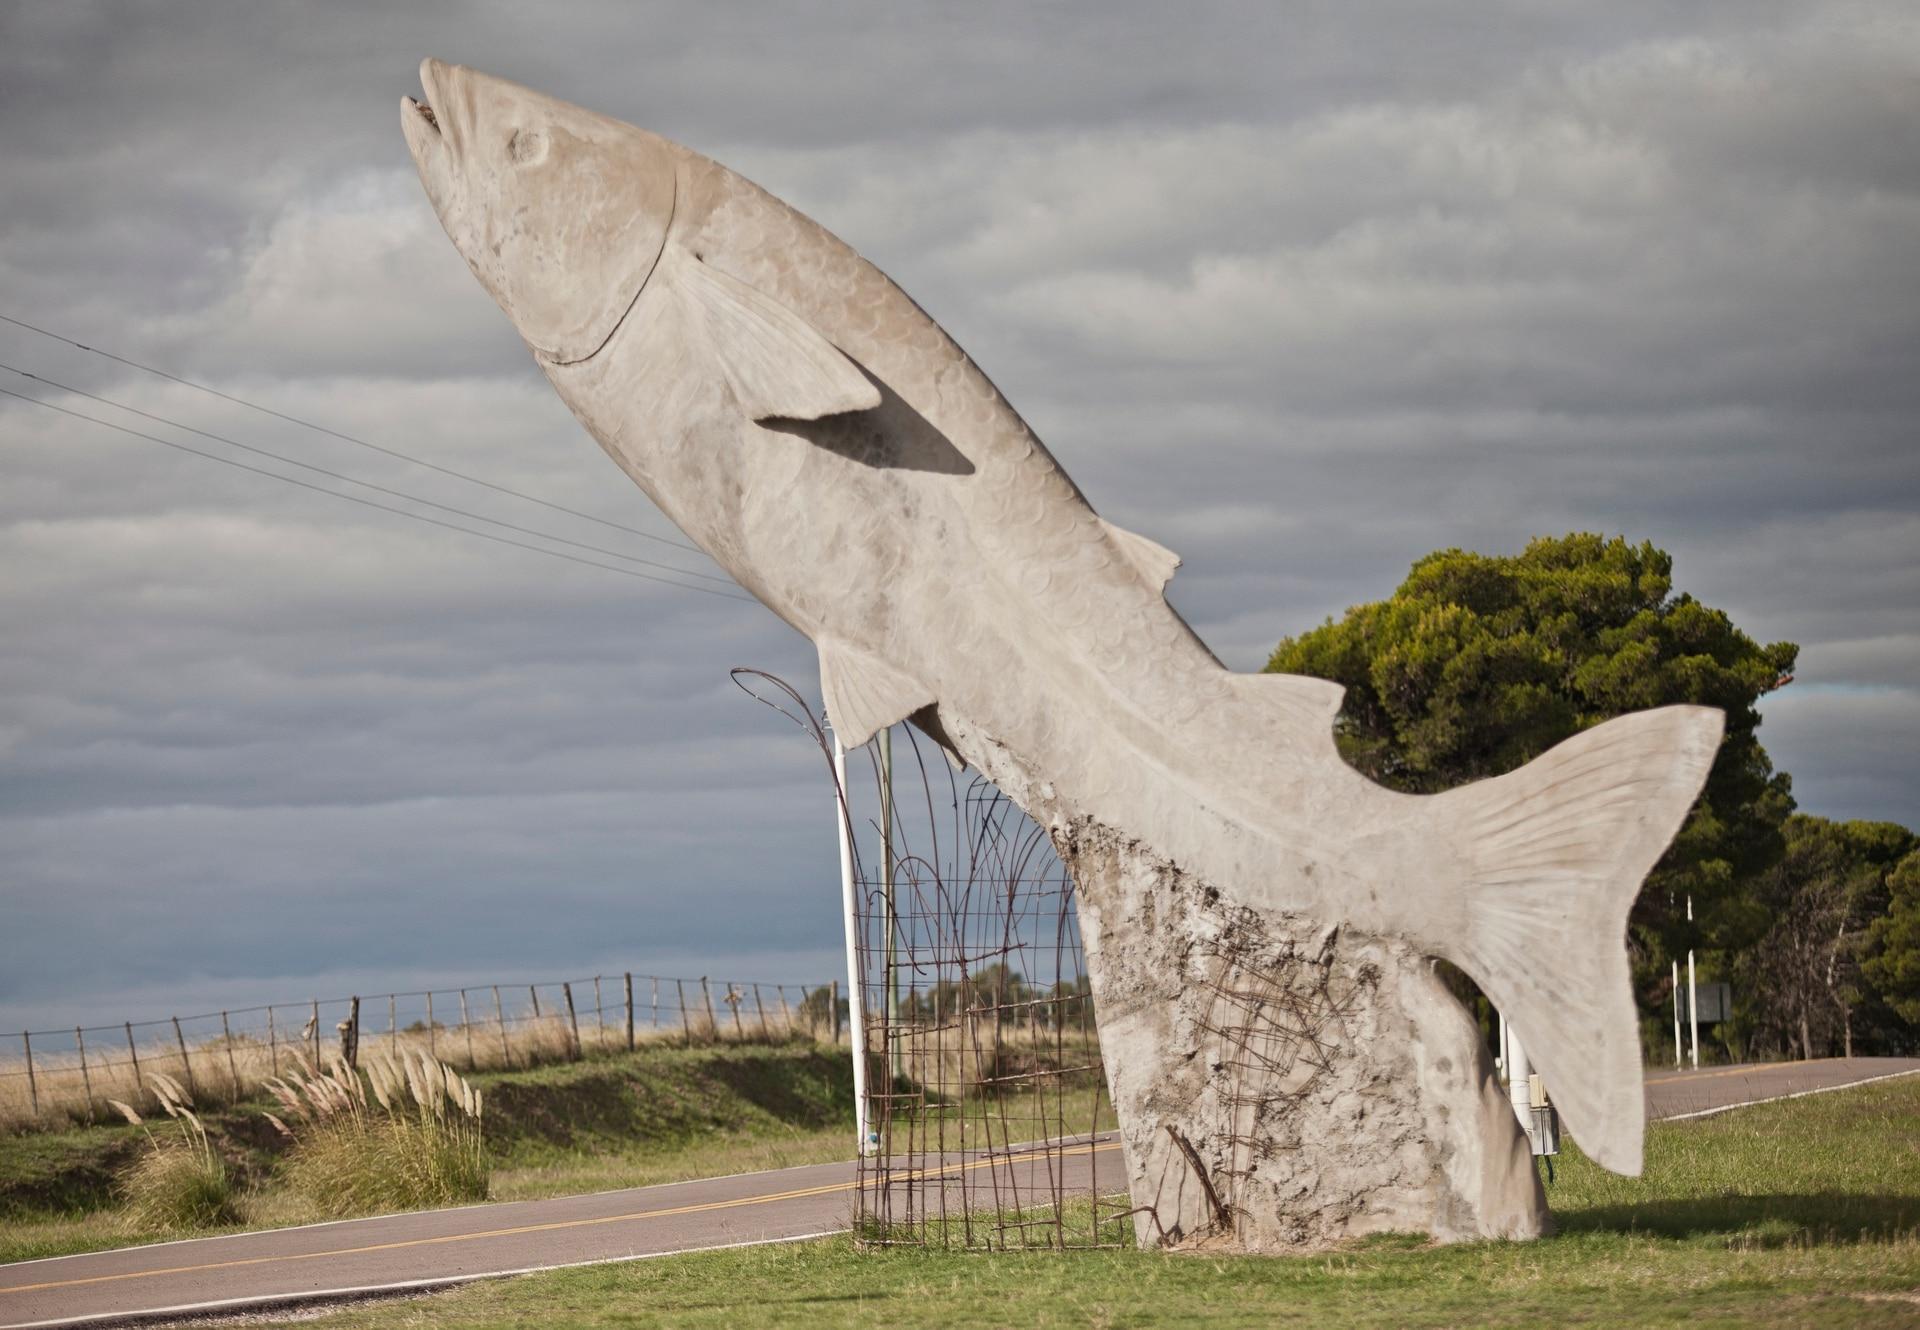 Sobre la RN 33, entre Casbas y Guaminí (provincia de Buenos Aires), la entrada al balneario la enmarcan dos enormes ejemplares de pejerrey. La laguna de Cochicó, que forma parte de Las Encadenadas del Oeste, supo de una abundancia del popular Odontesthes bonariensis.